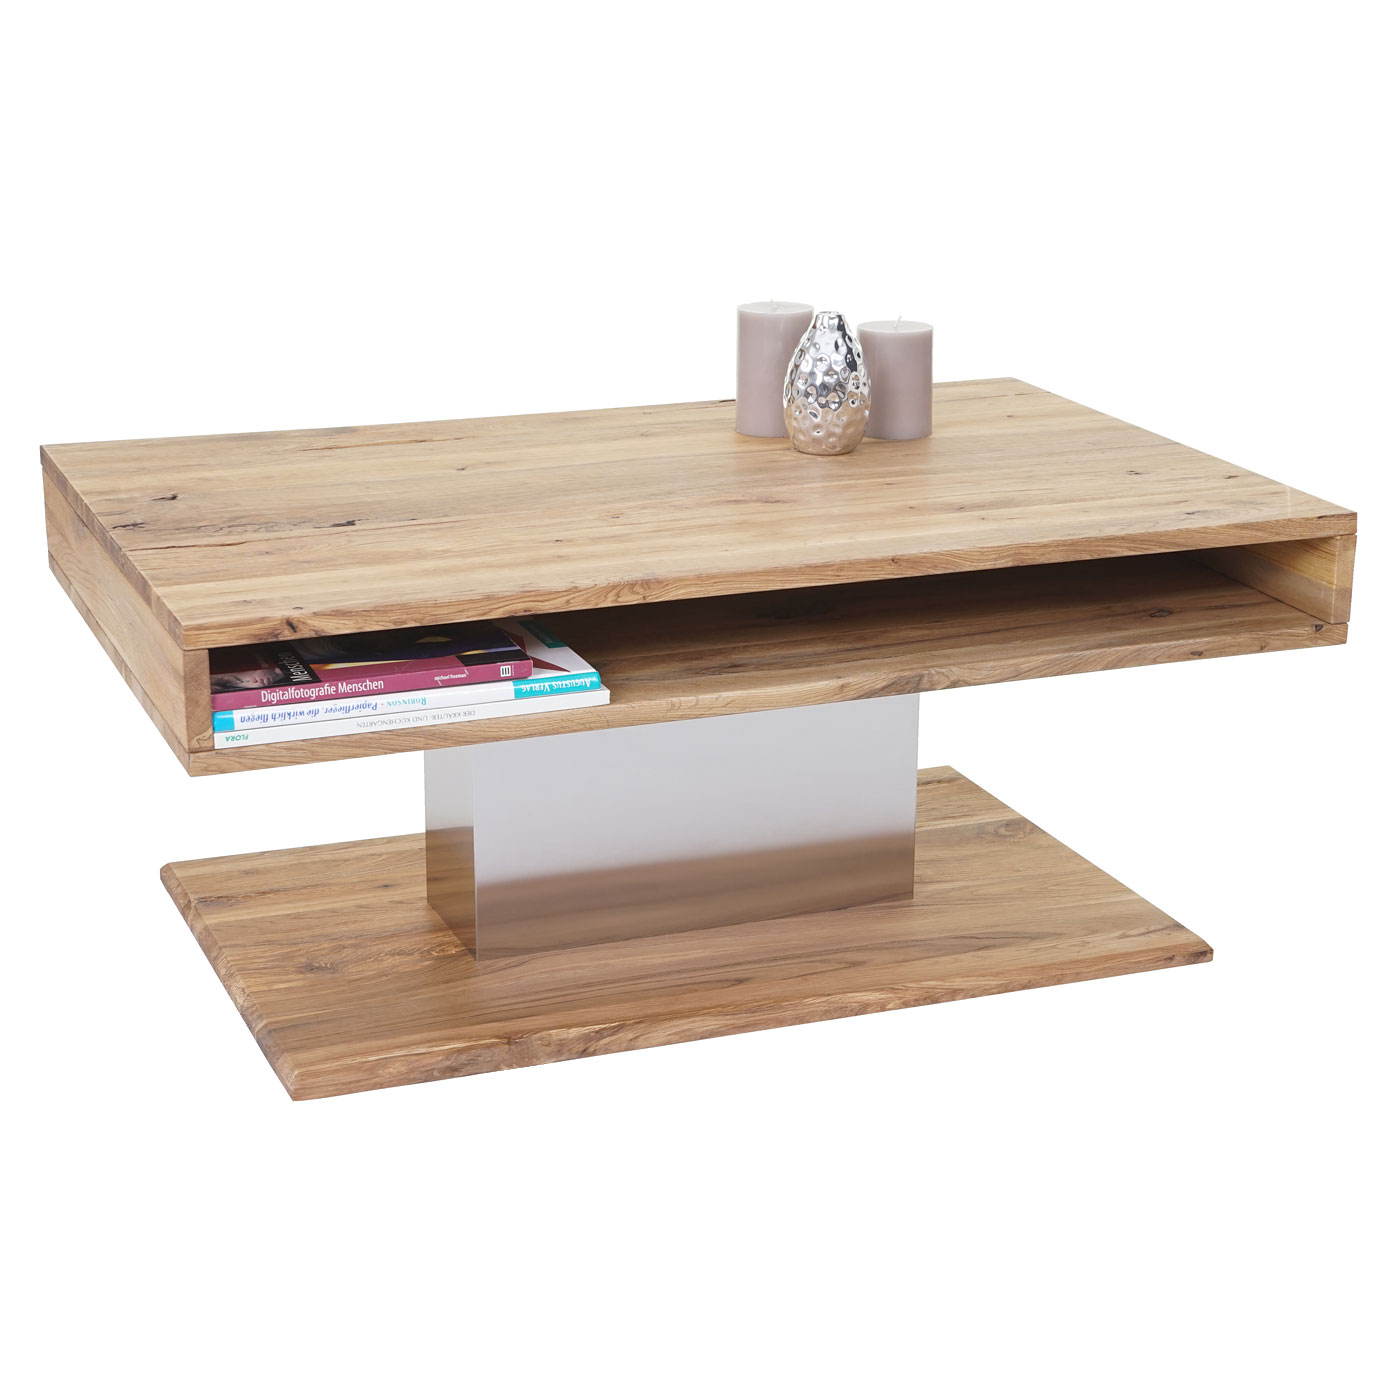 mca couchtisch hl design mattia wohnzimmertisch risseiche rustikal massiv 40x95x60cm. Black Bedroom Furniture Sets. Home Design Ideas